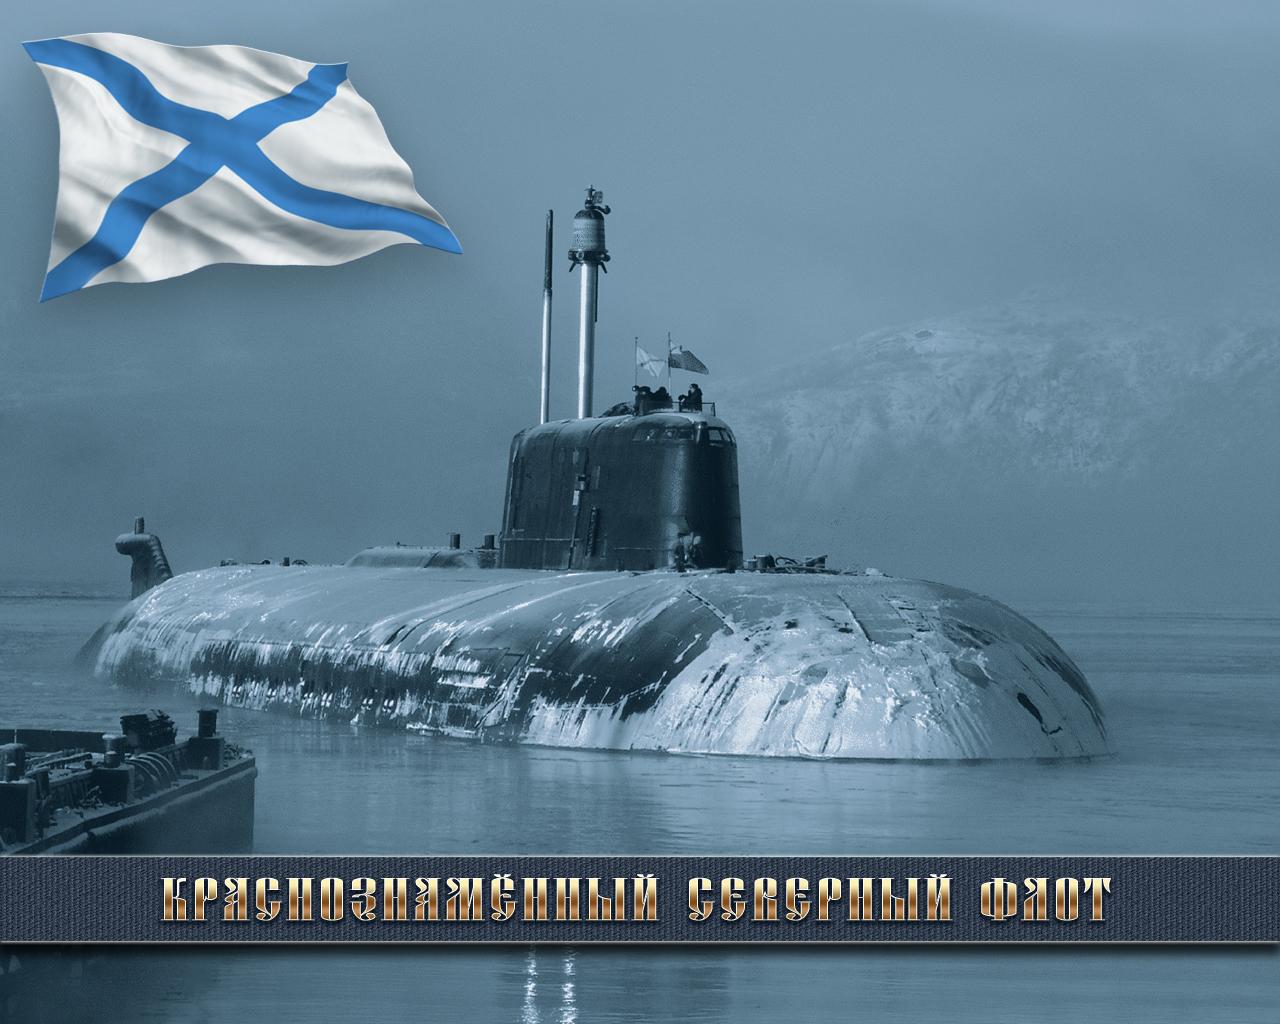 Прикольные поздравления подводникам - Поздравок 6